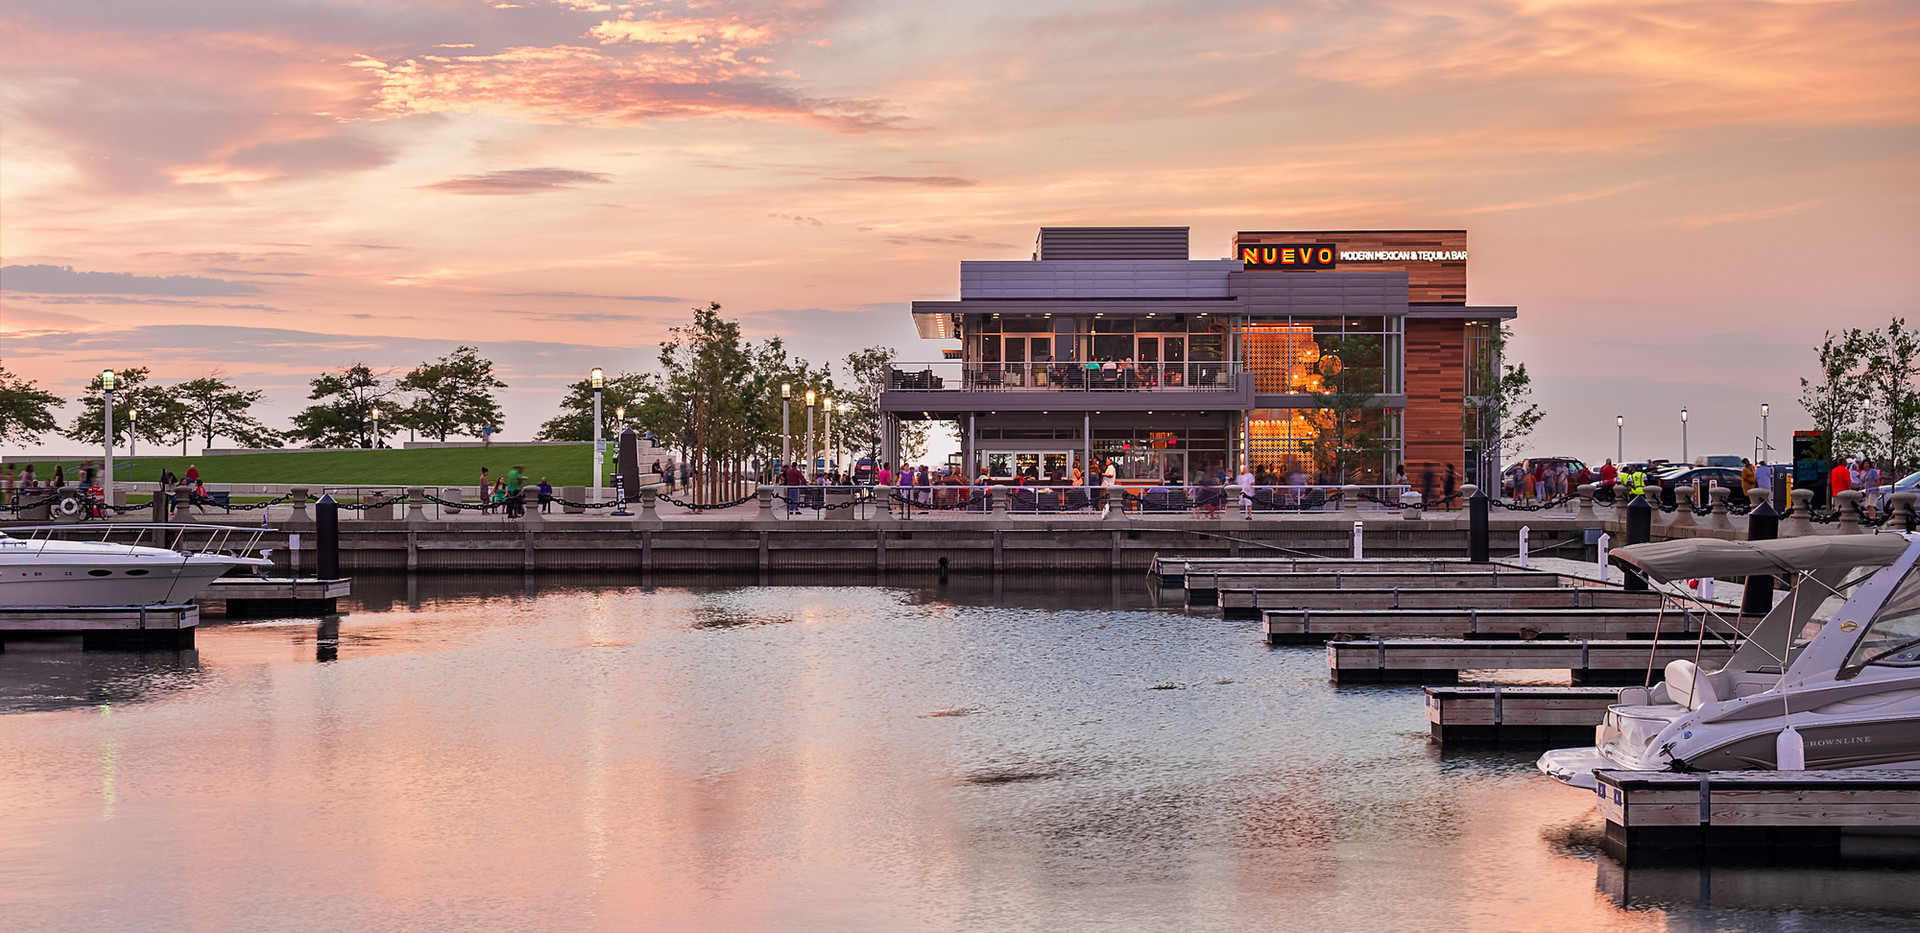 NCH / Nuevo, sunset marina view